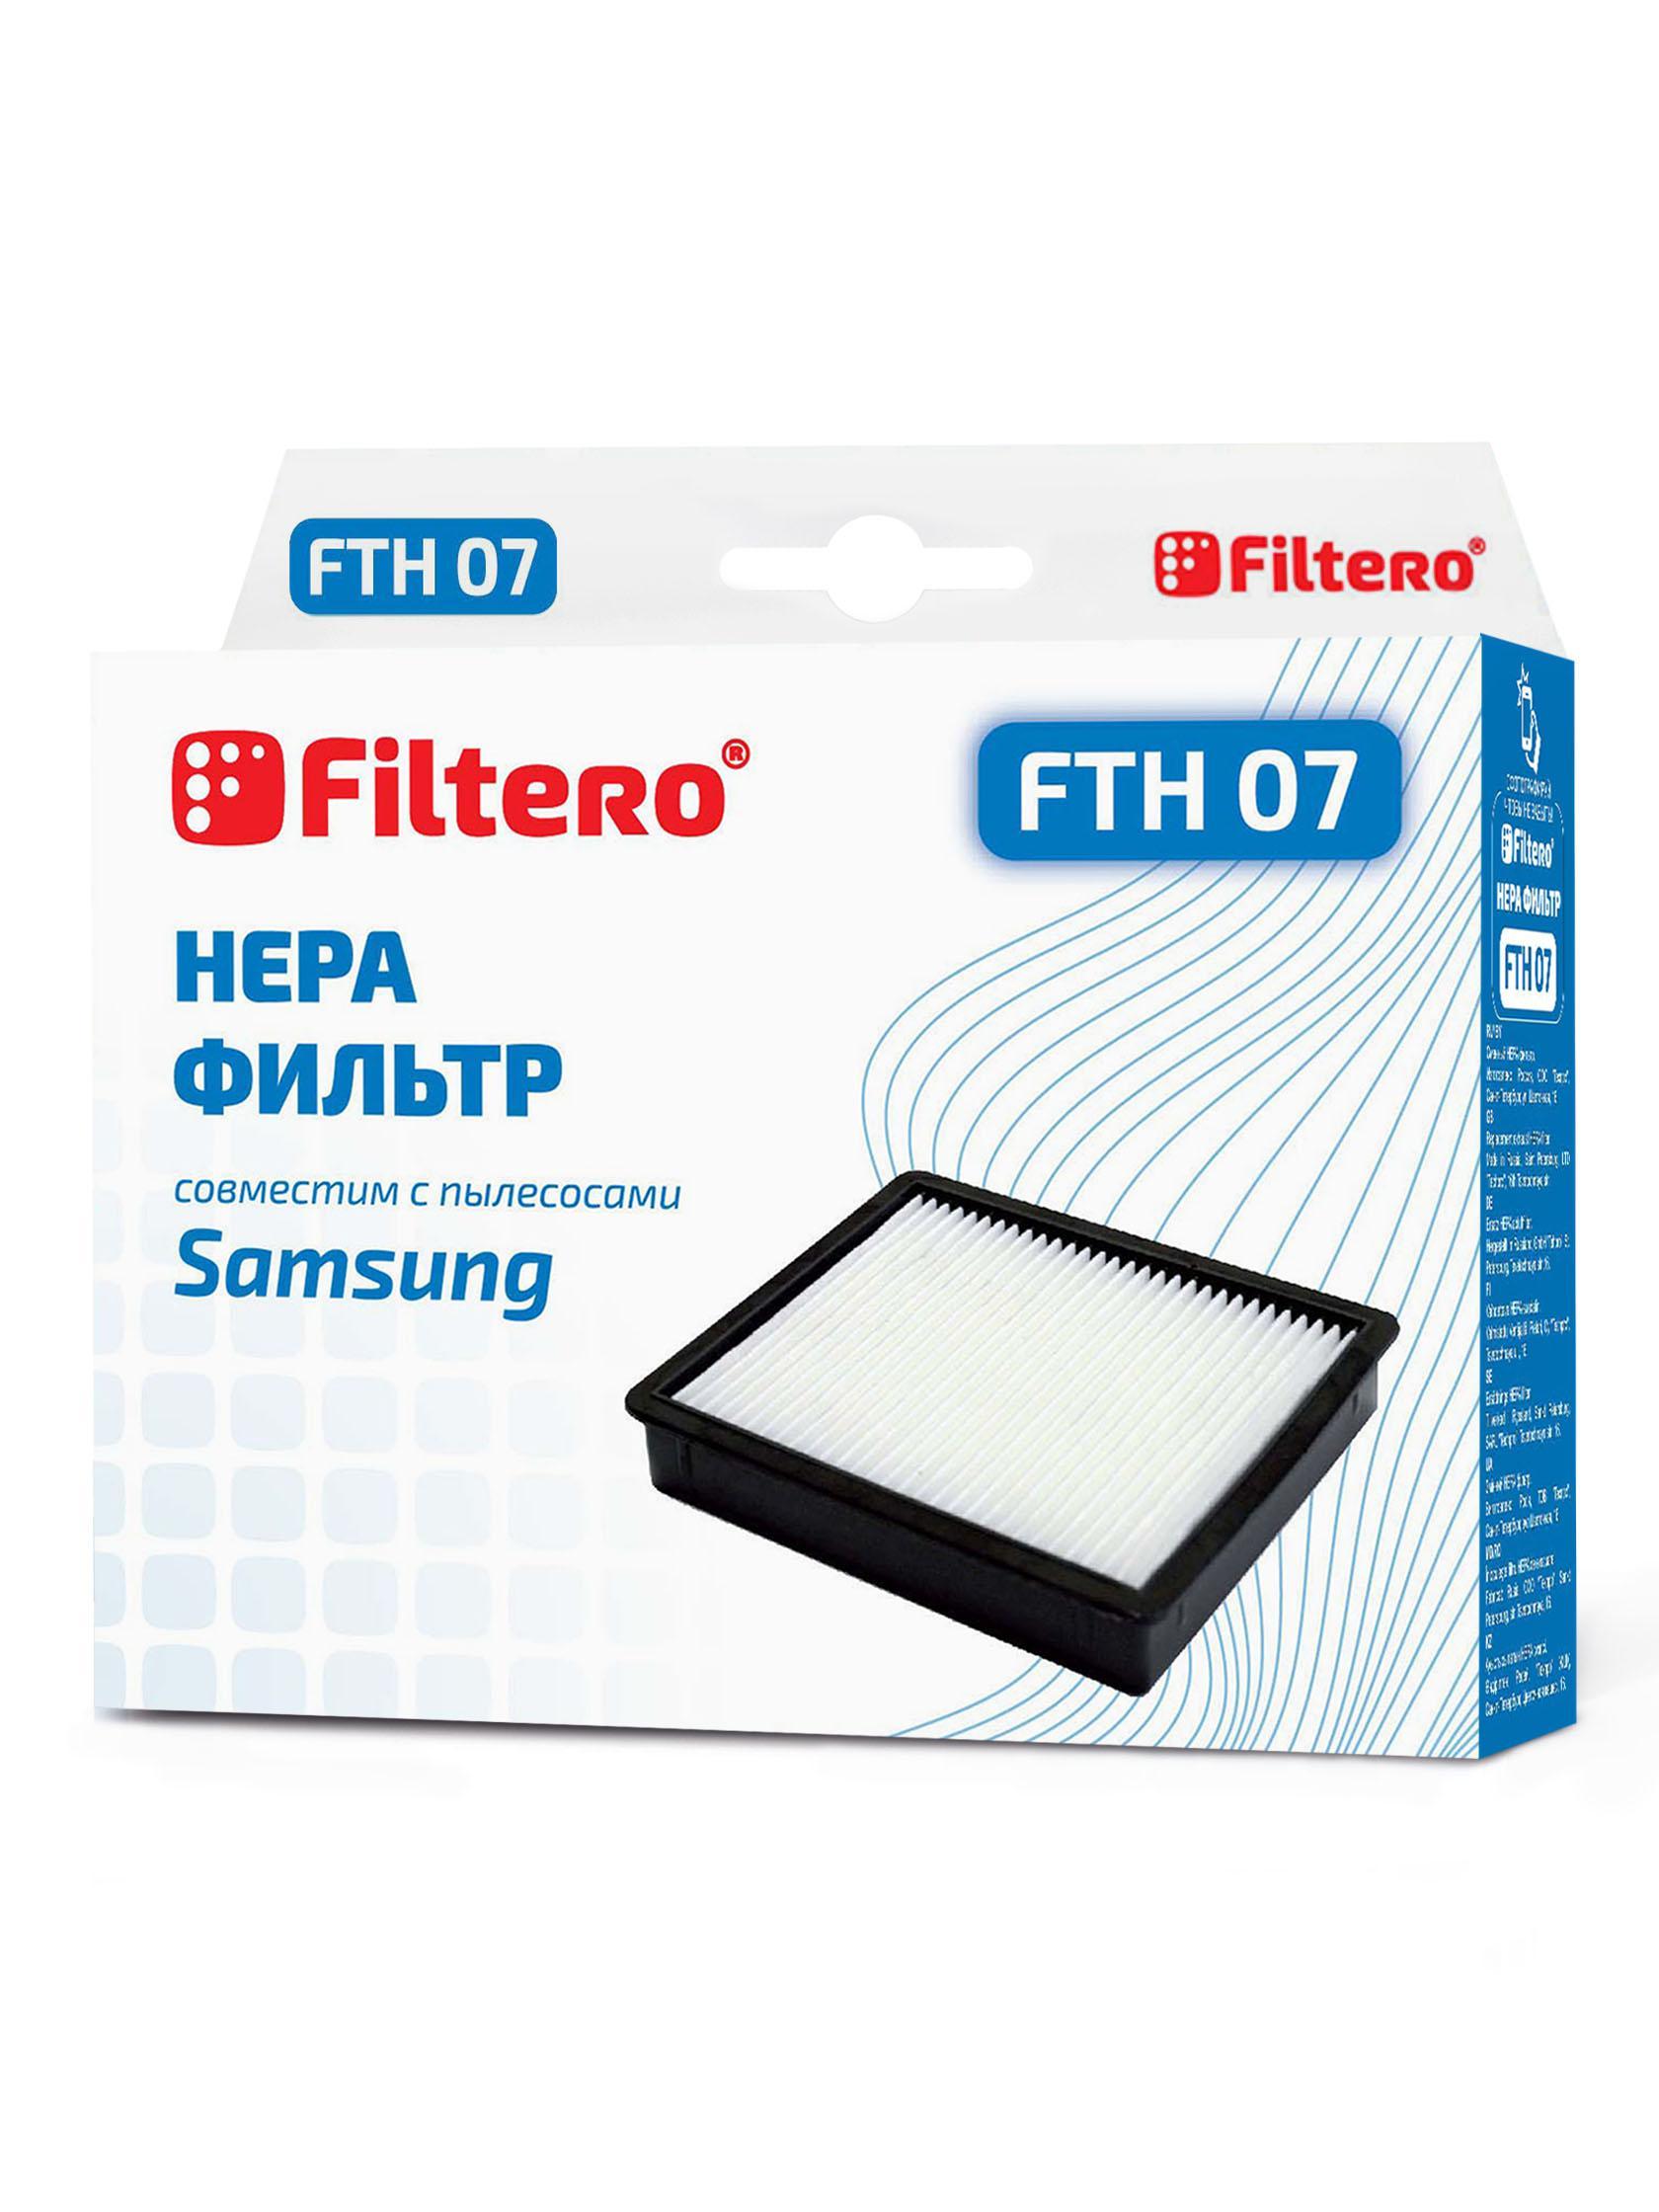 Фильтр Filtero Fth 07 sam фильтр filtero fth 07 sam hepa для пылес samsung